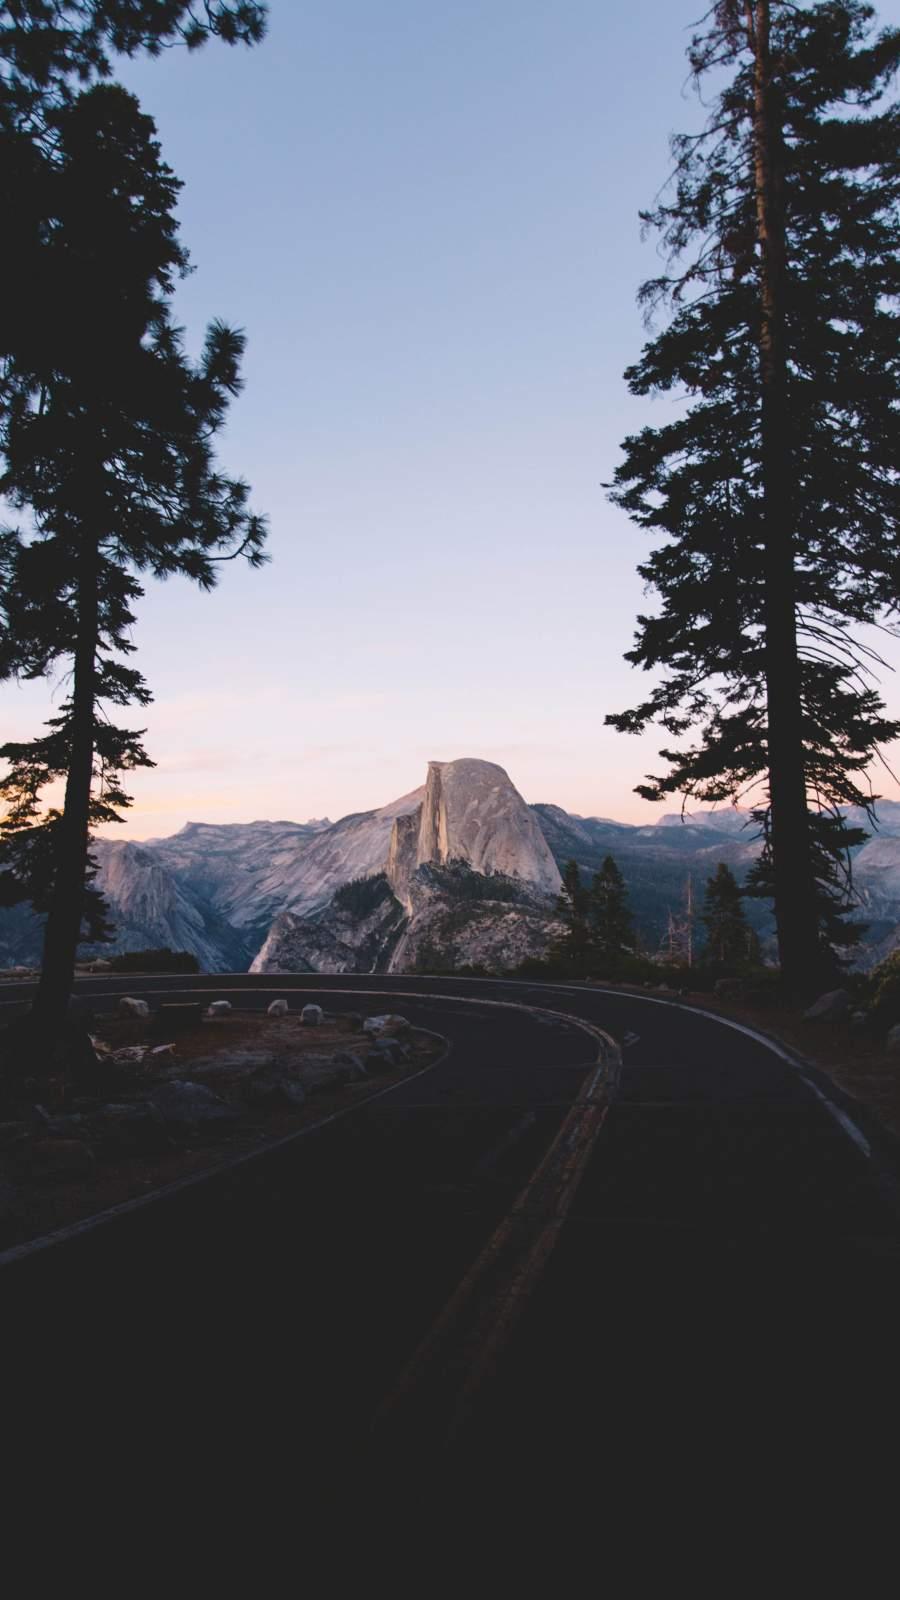 Yosemite Road iPhone Wallpaper